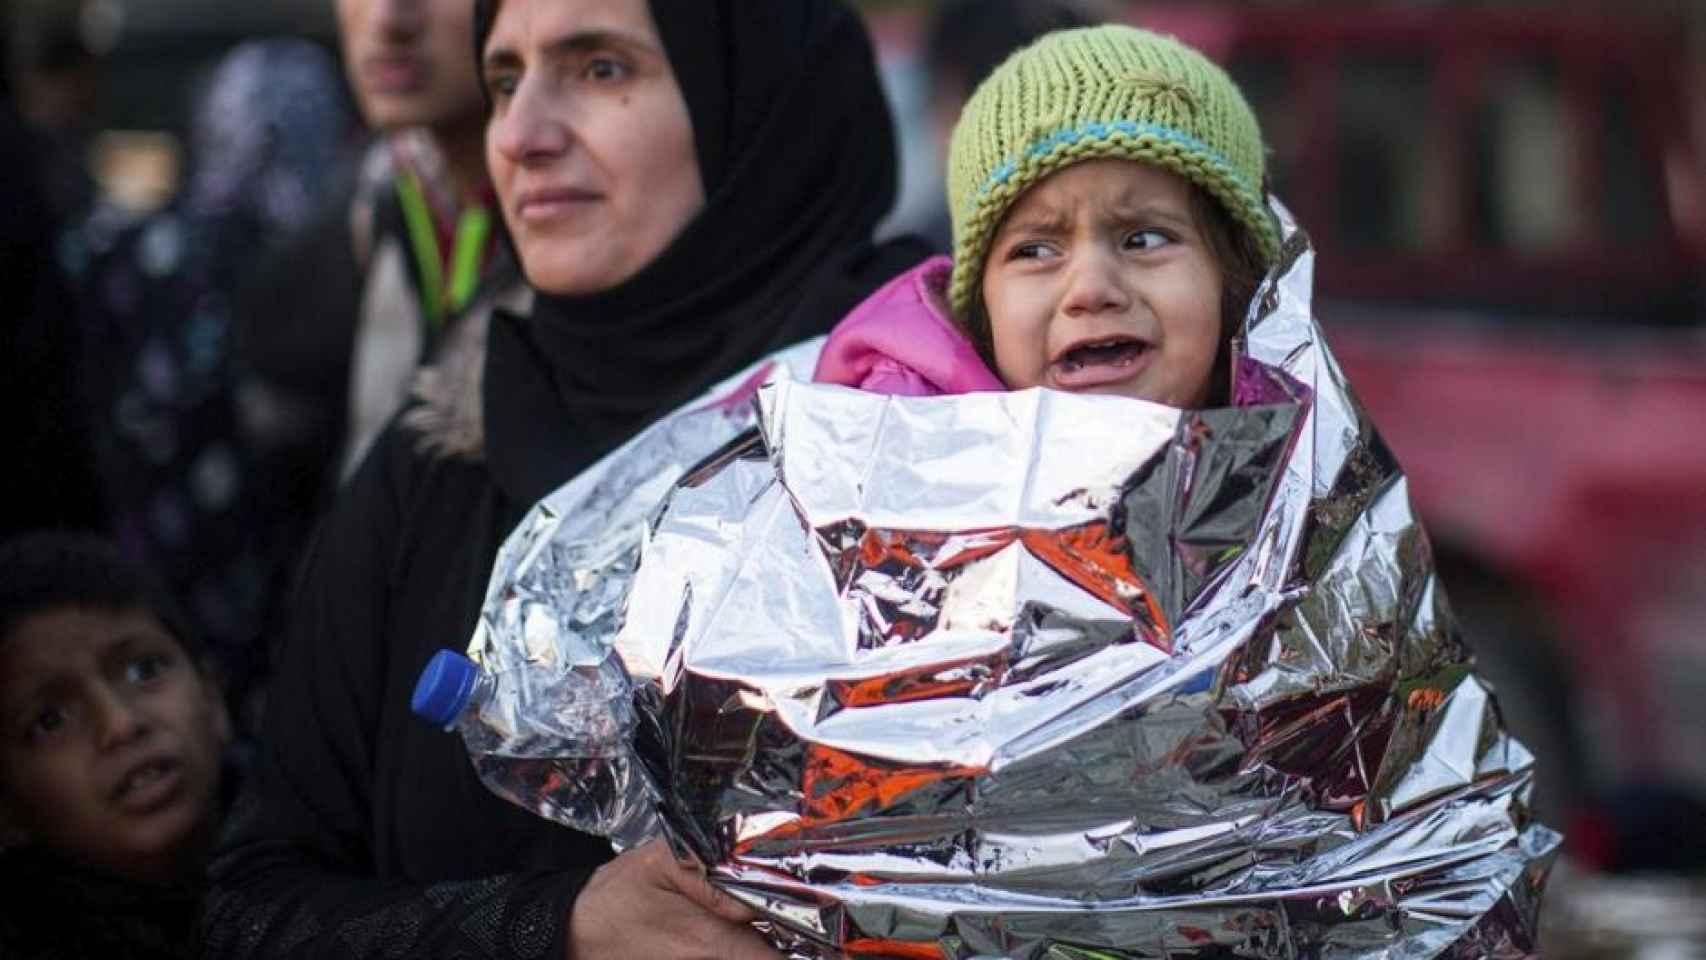 Bruselas quiere movilizar 1.400 millones más para los refugiados en Turquía